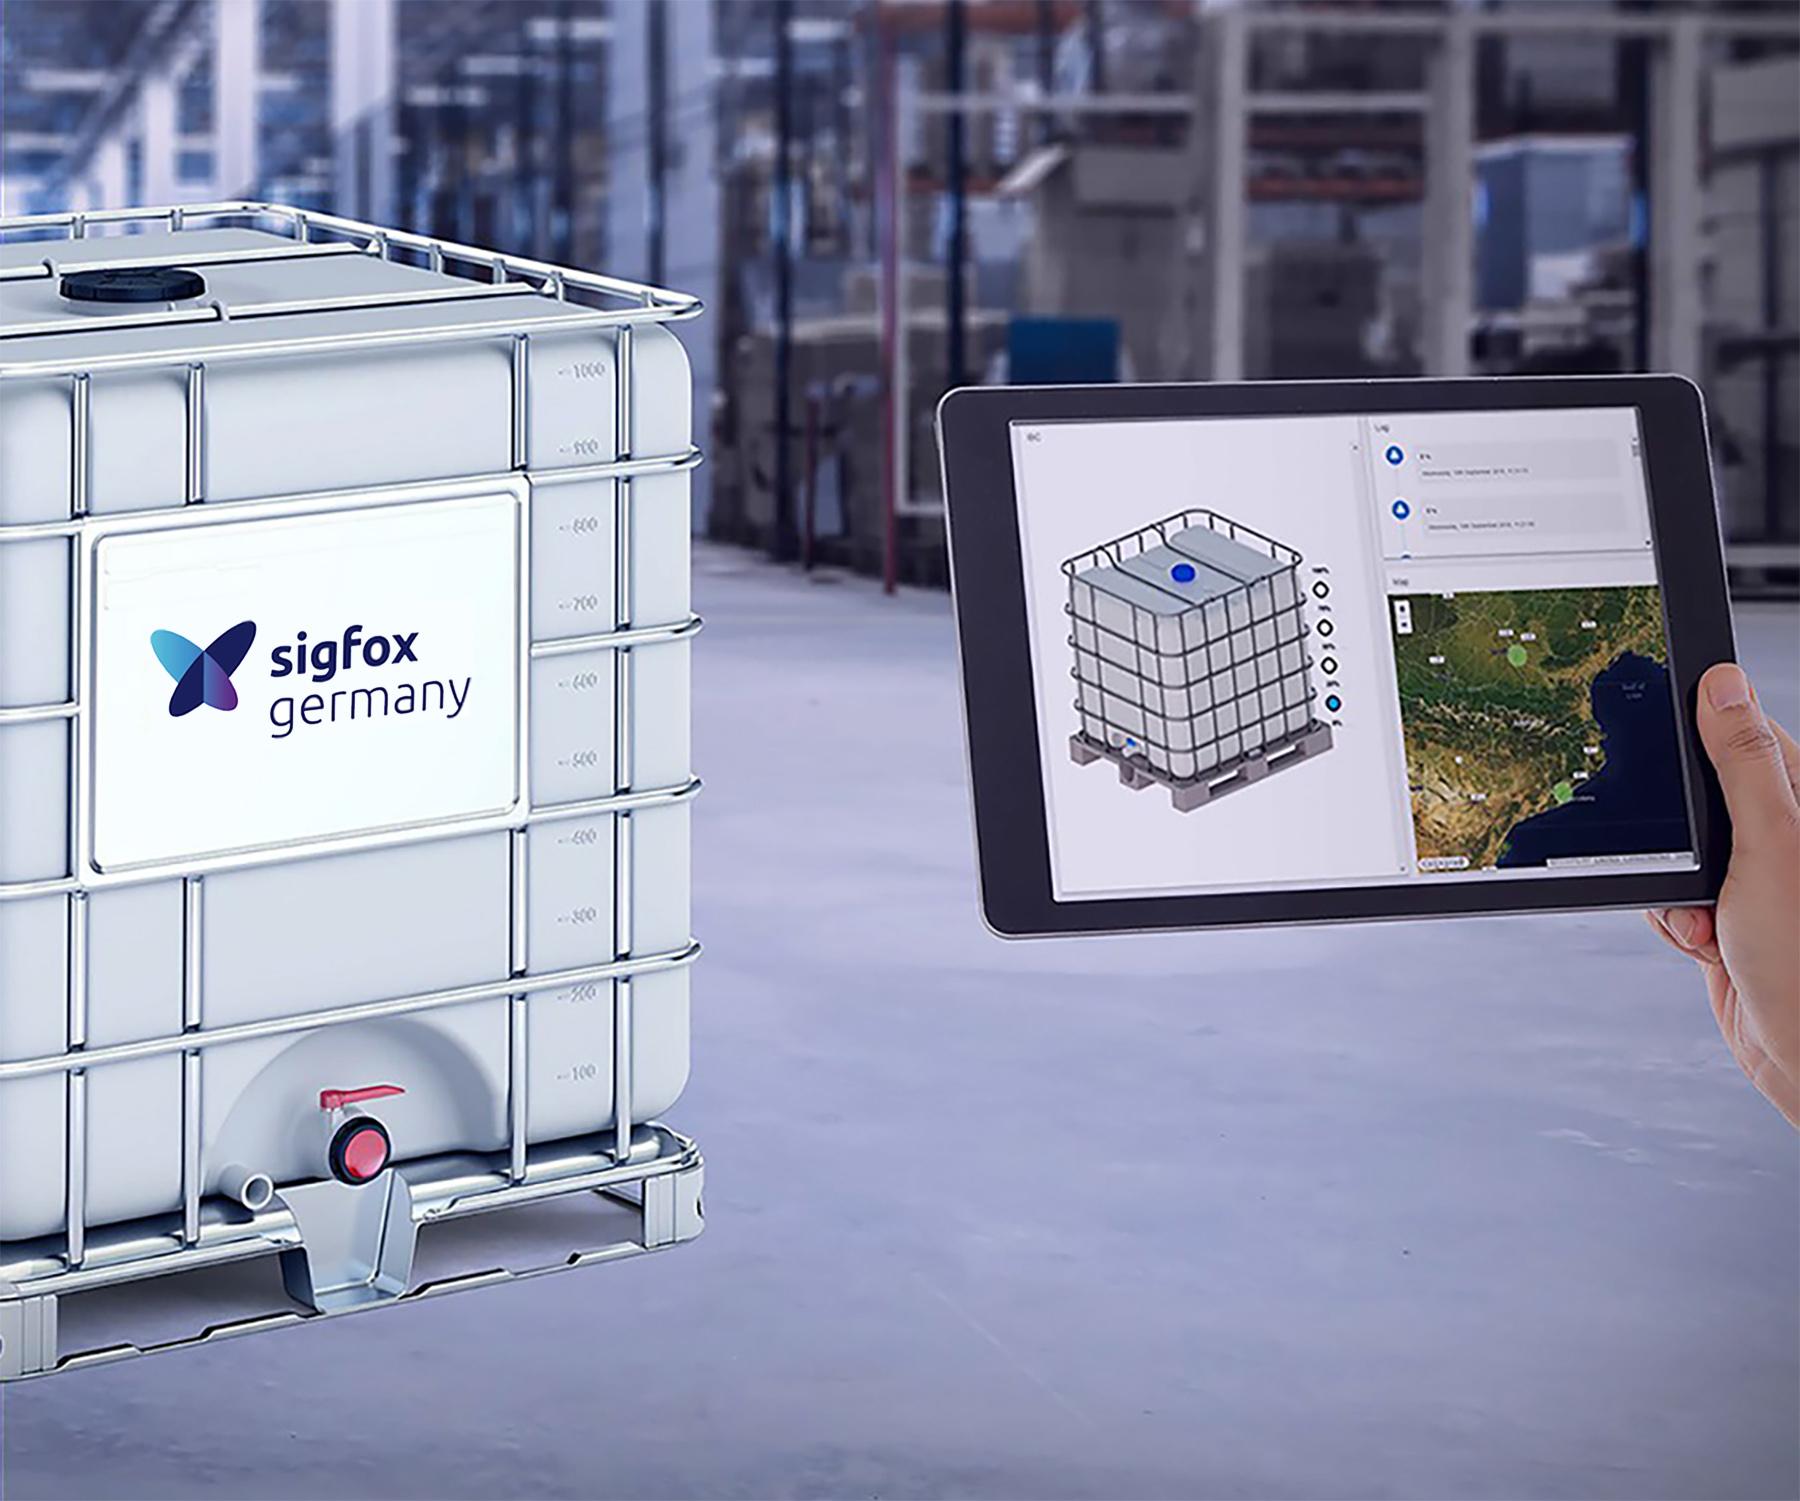 Sigfox stellt Überwachungssystem für IBC-Container vor